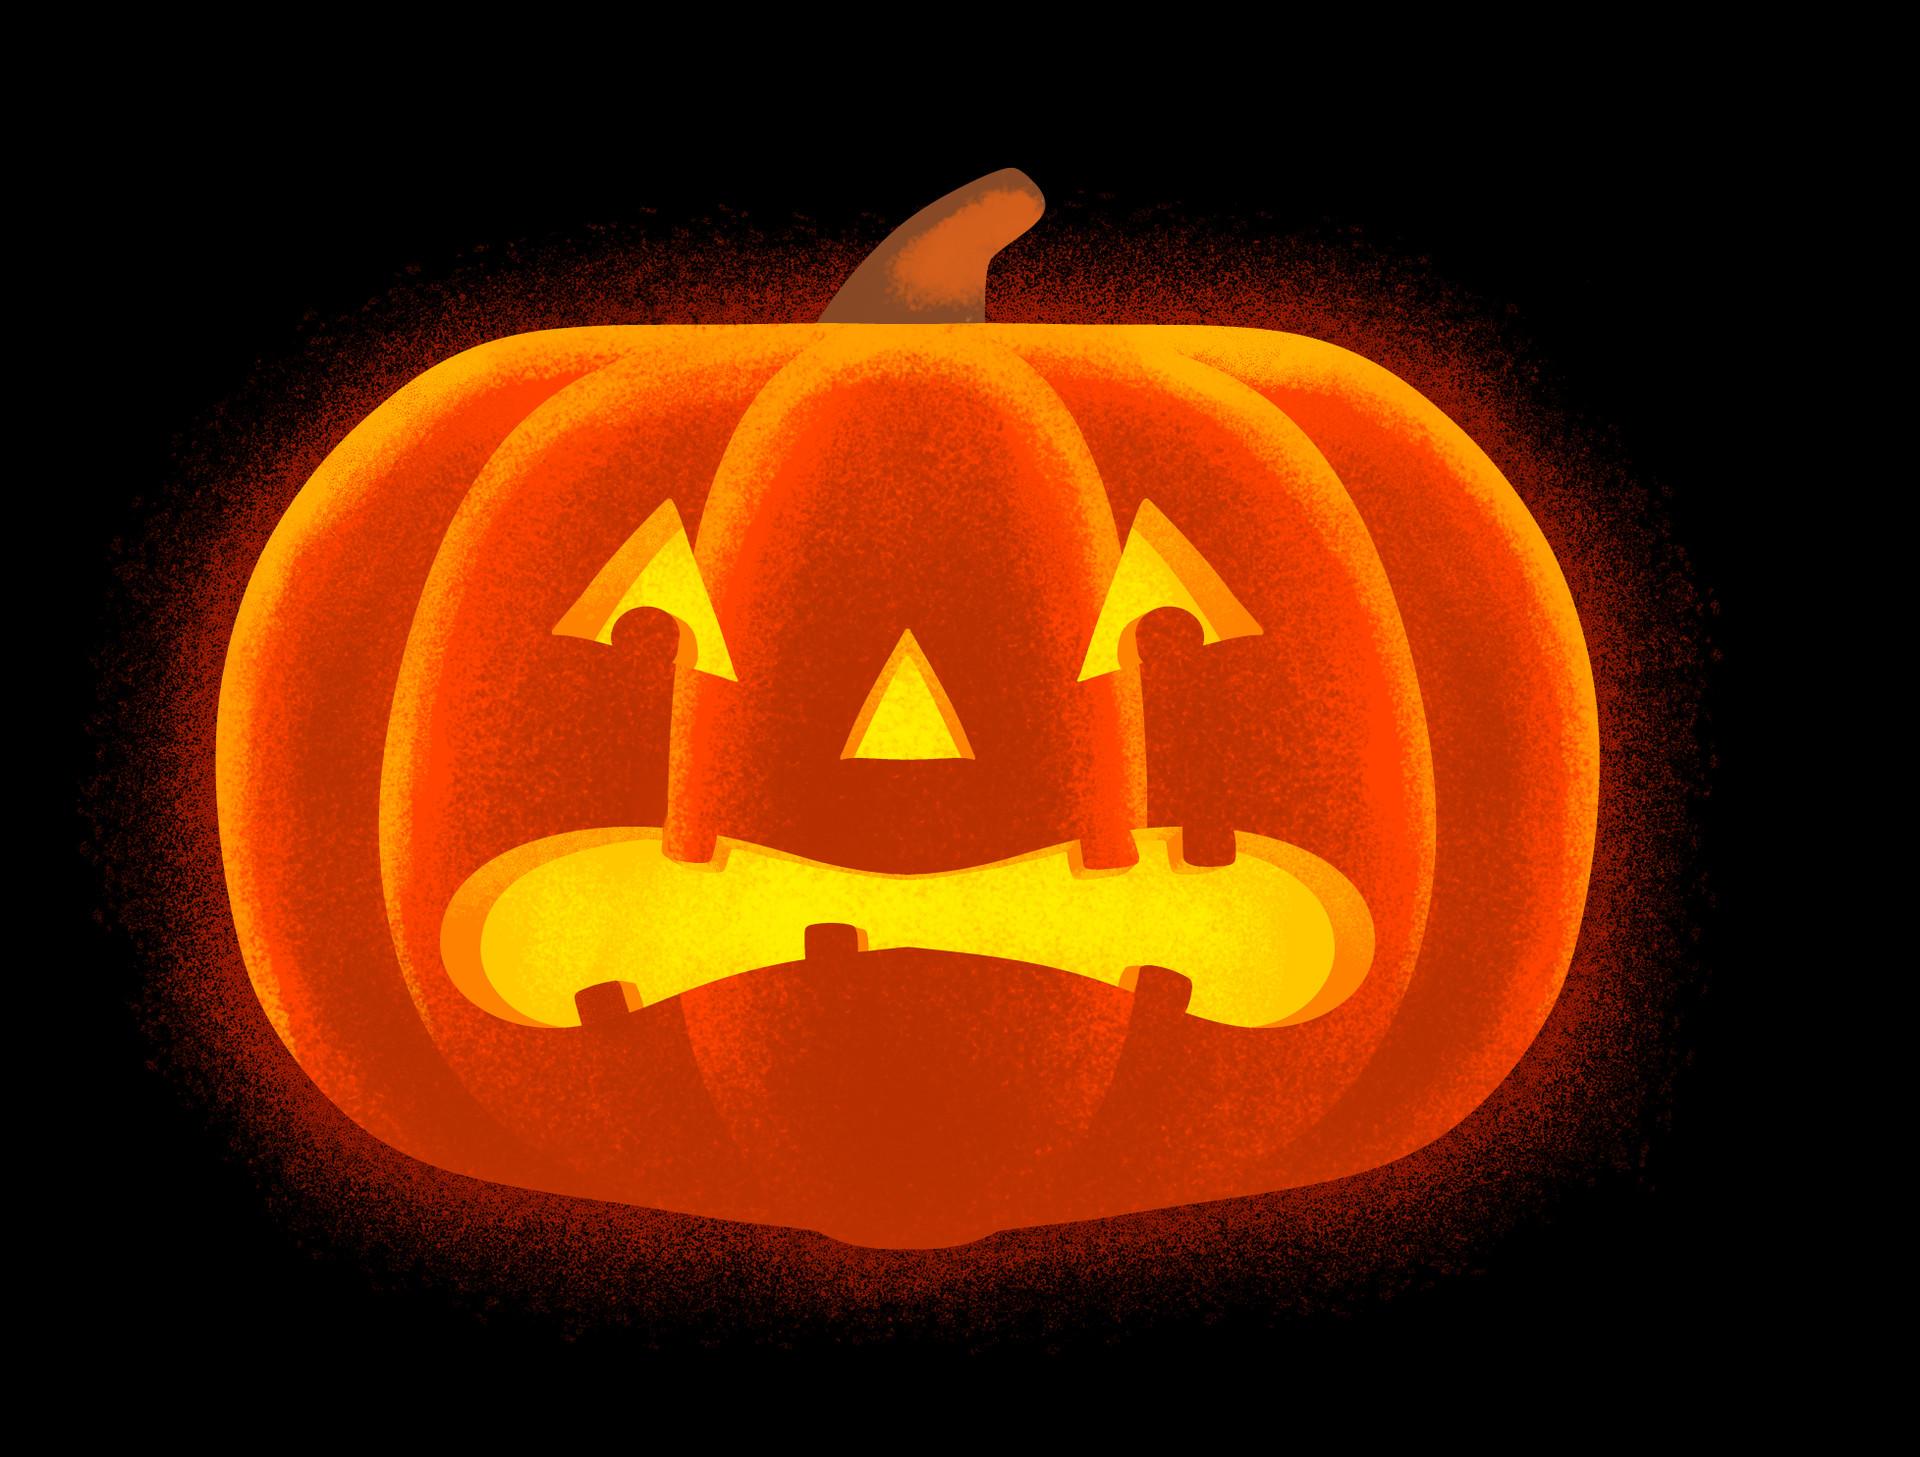 Tom martin halloween 3 pumpkin 1